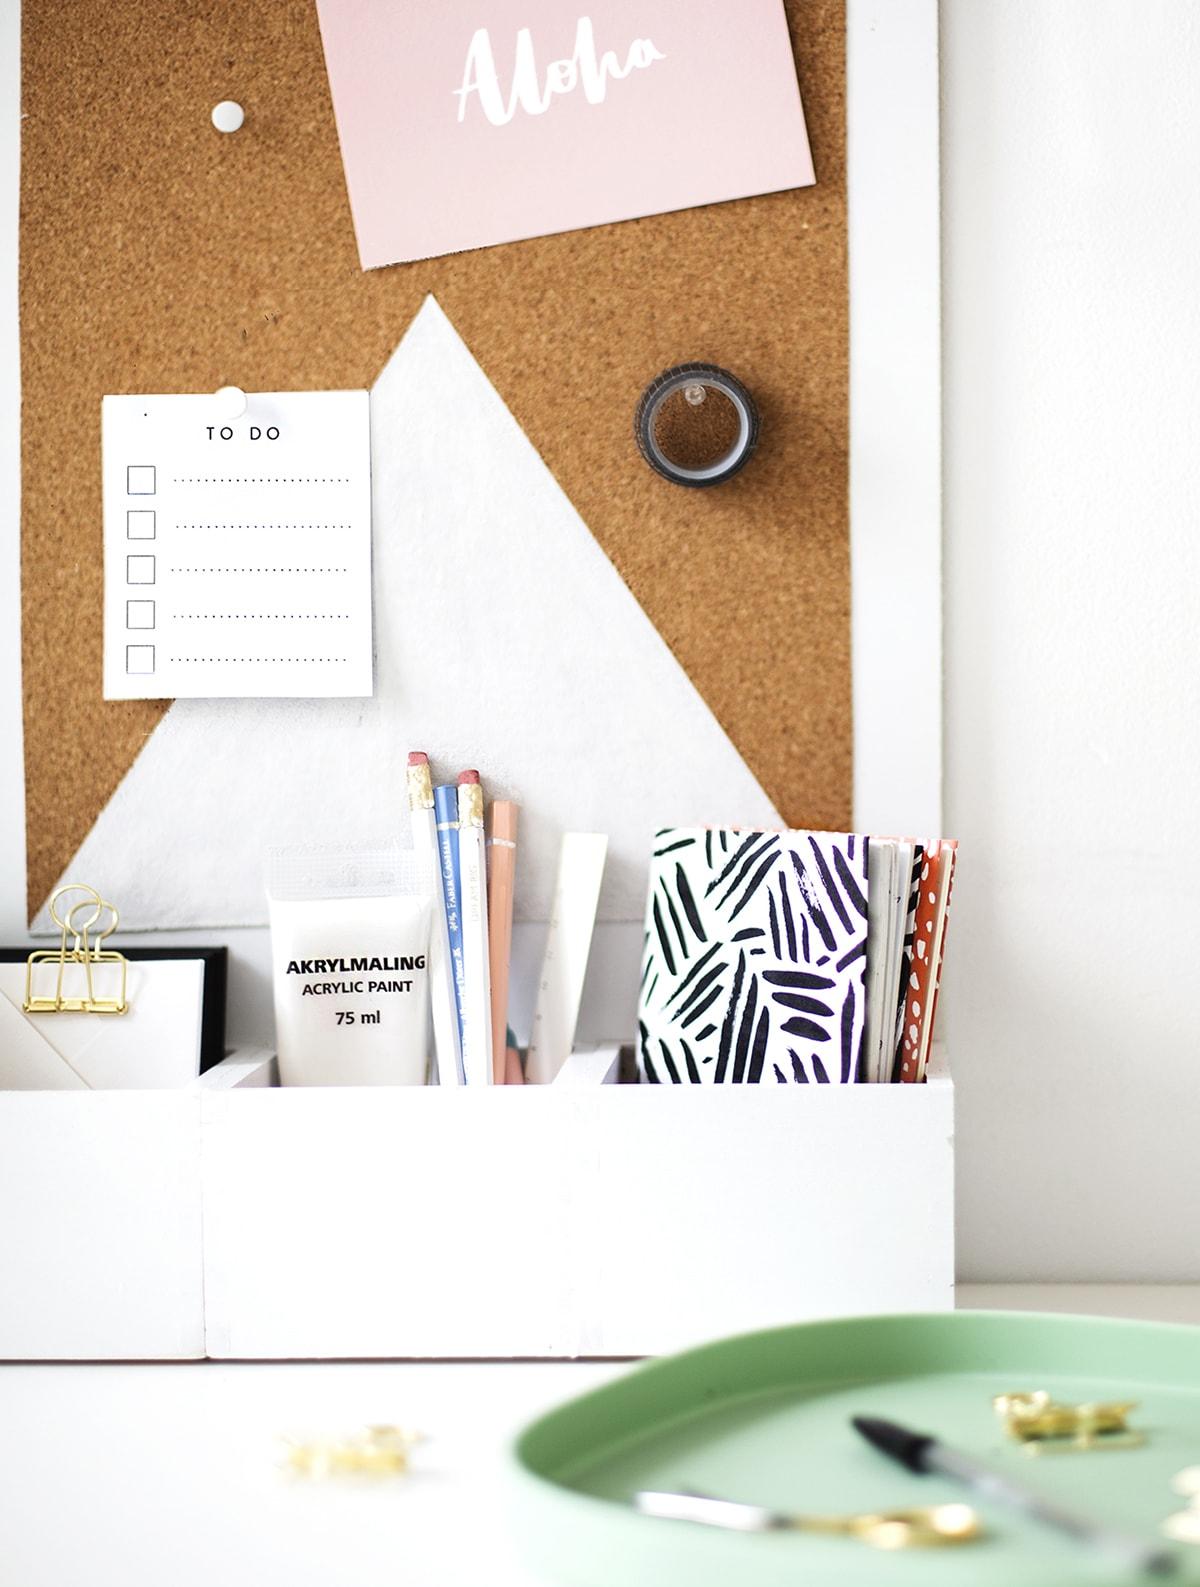 Diy desk organizer sugar cloth - Diy desk organizer ideas ...